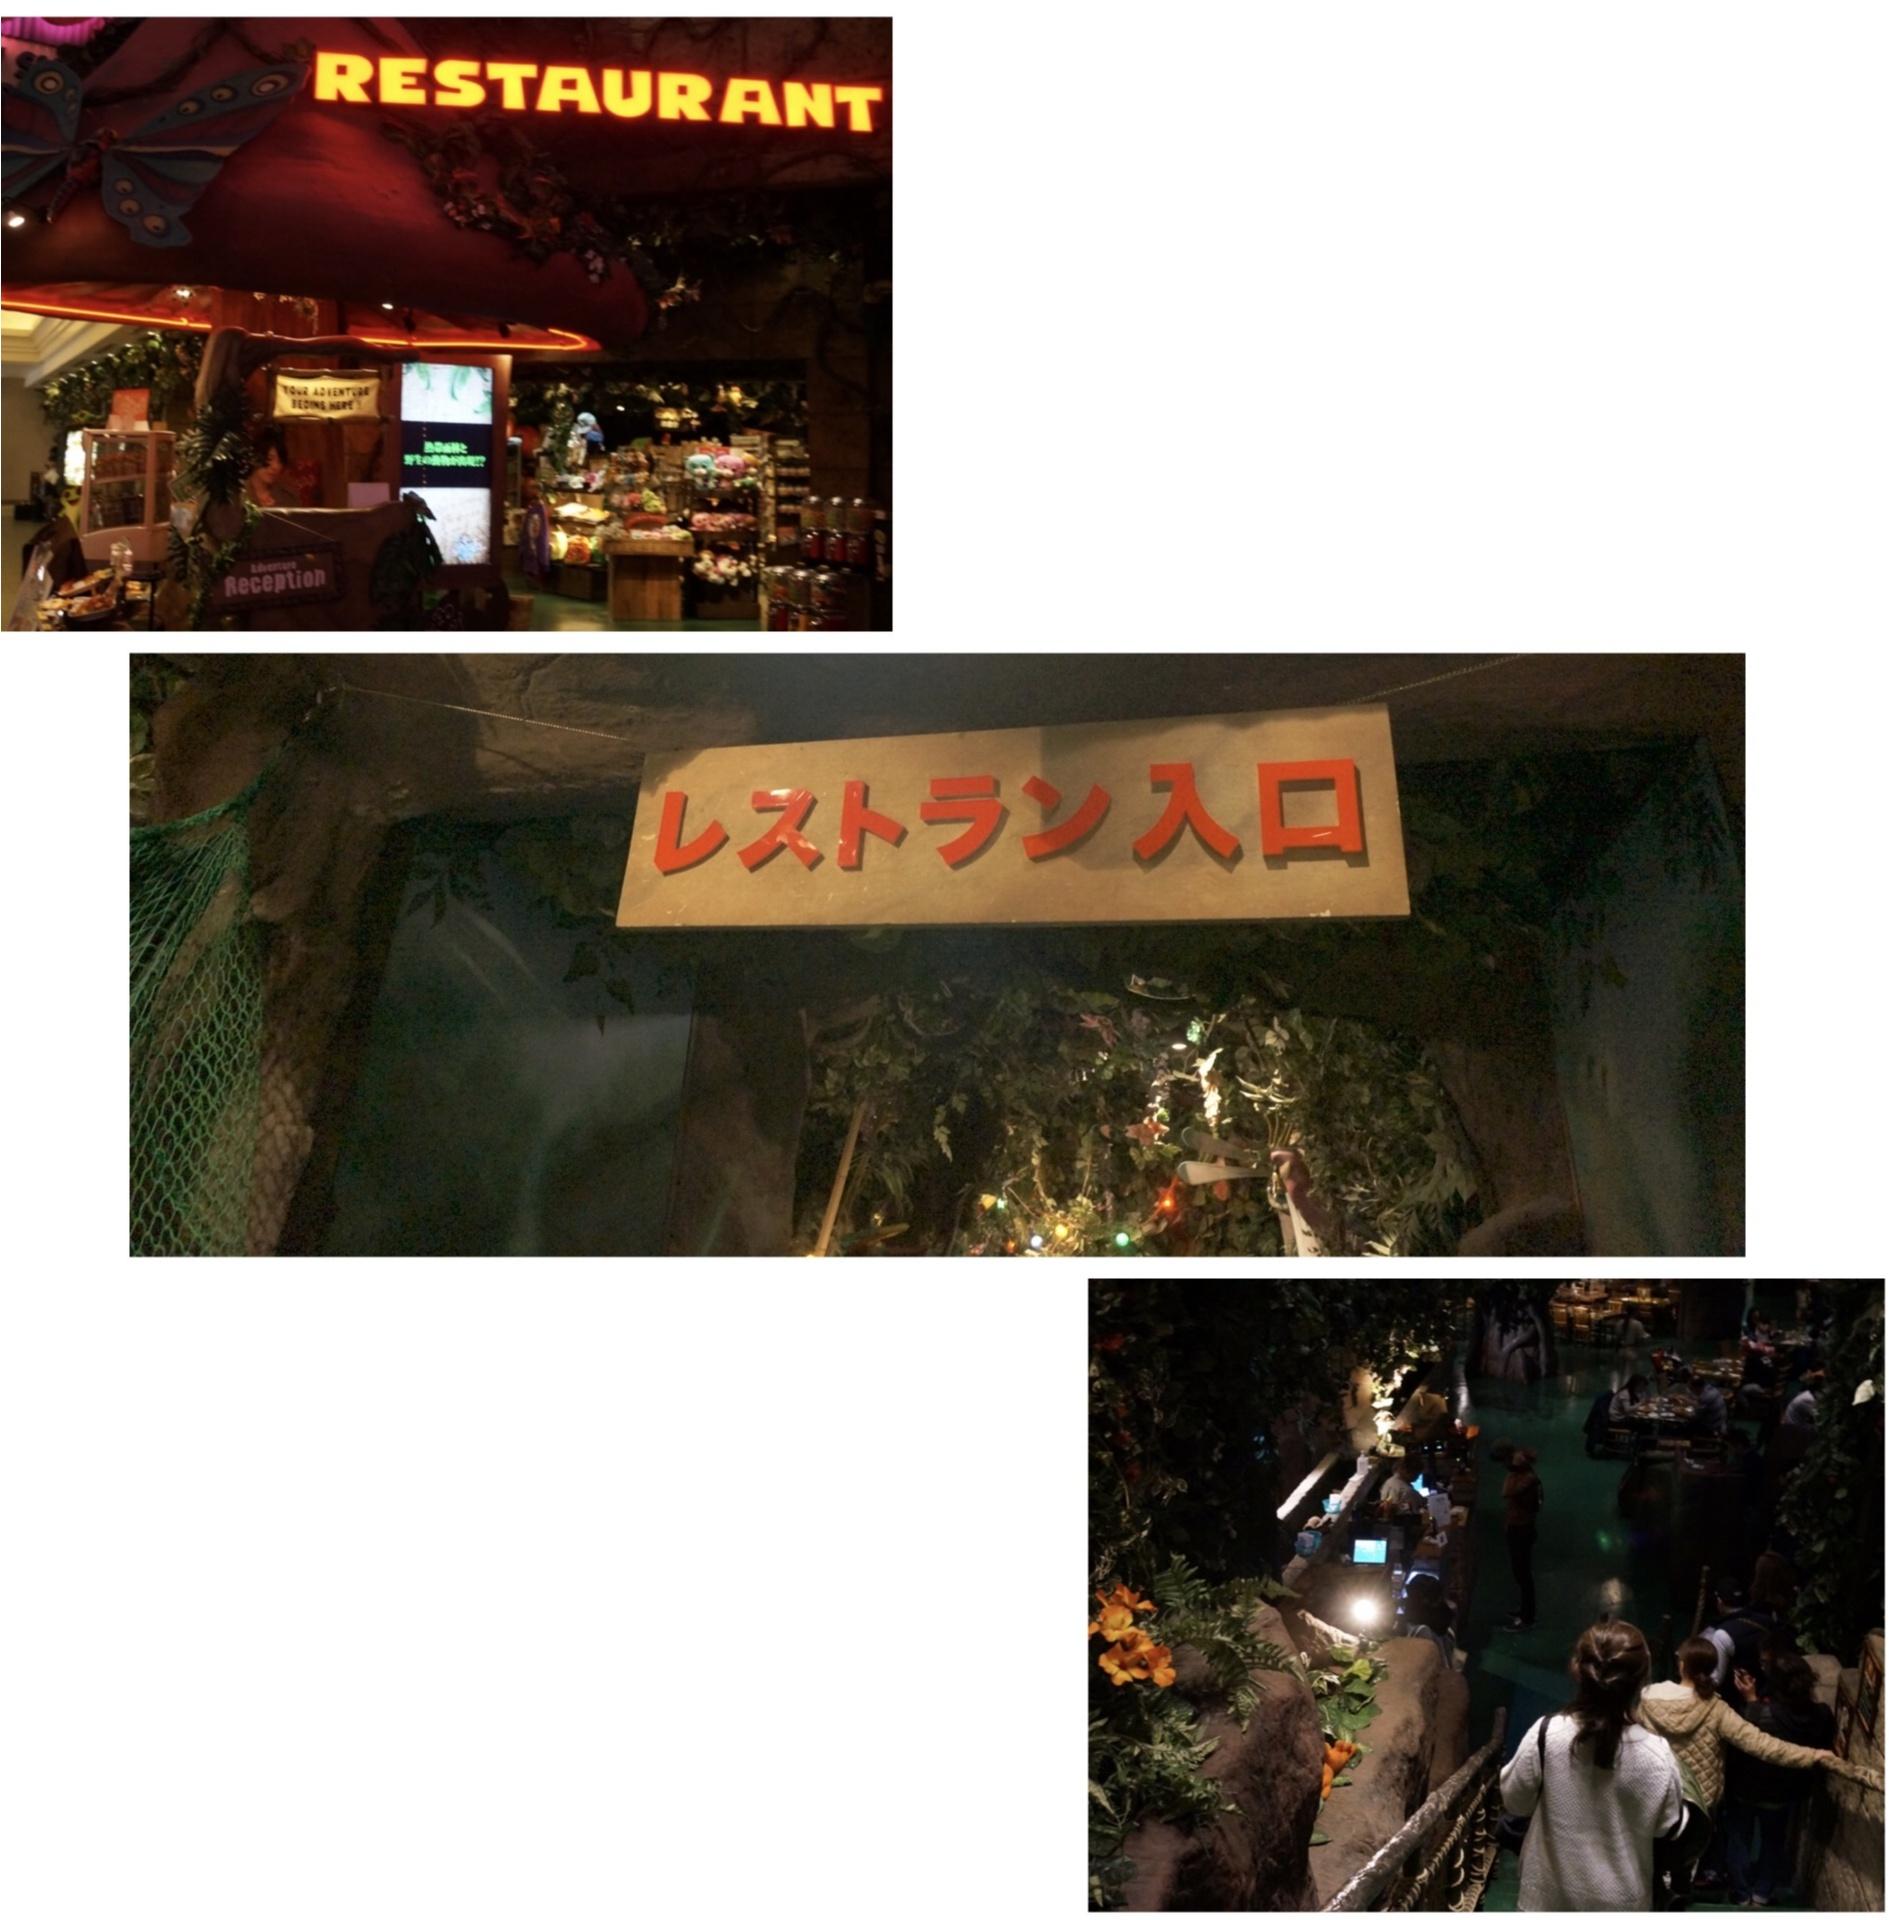 """まるで """" ジャングル """" みたい‼︎熱帯雨林と野生動物の保護をテーマにしたレストランが凄い✨ここでサプライズバースデーはいかが(*´∀`*)?_2"""